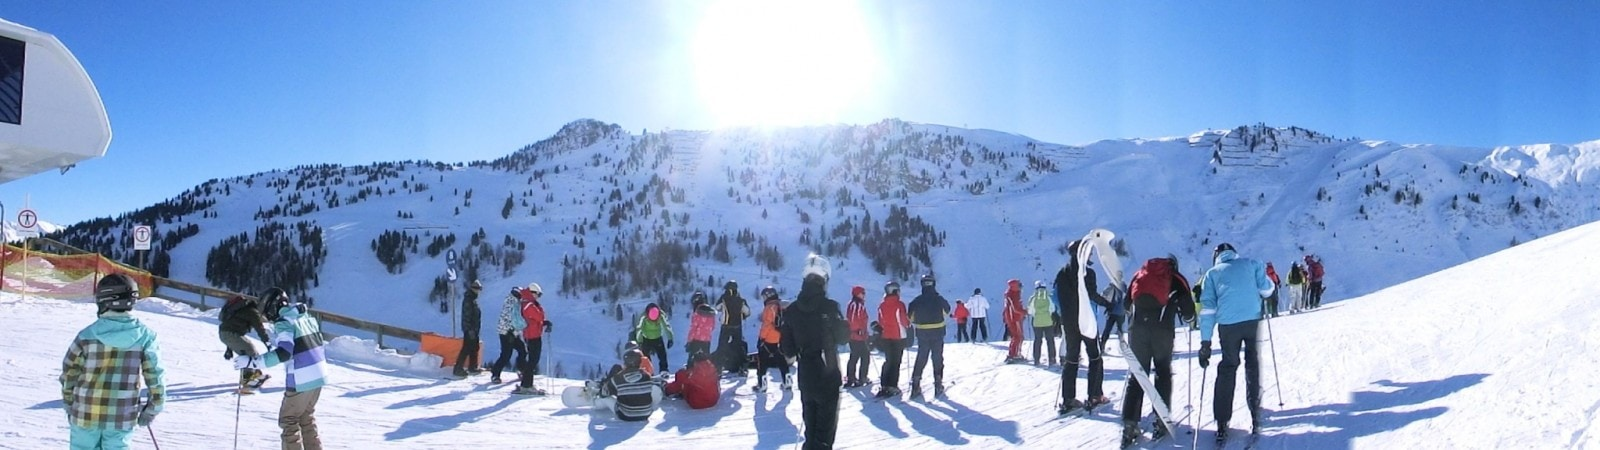 מיירהופן Mayrhofen